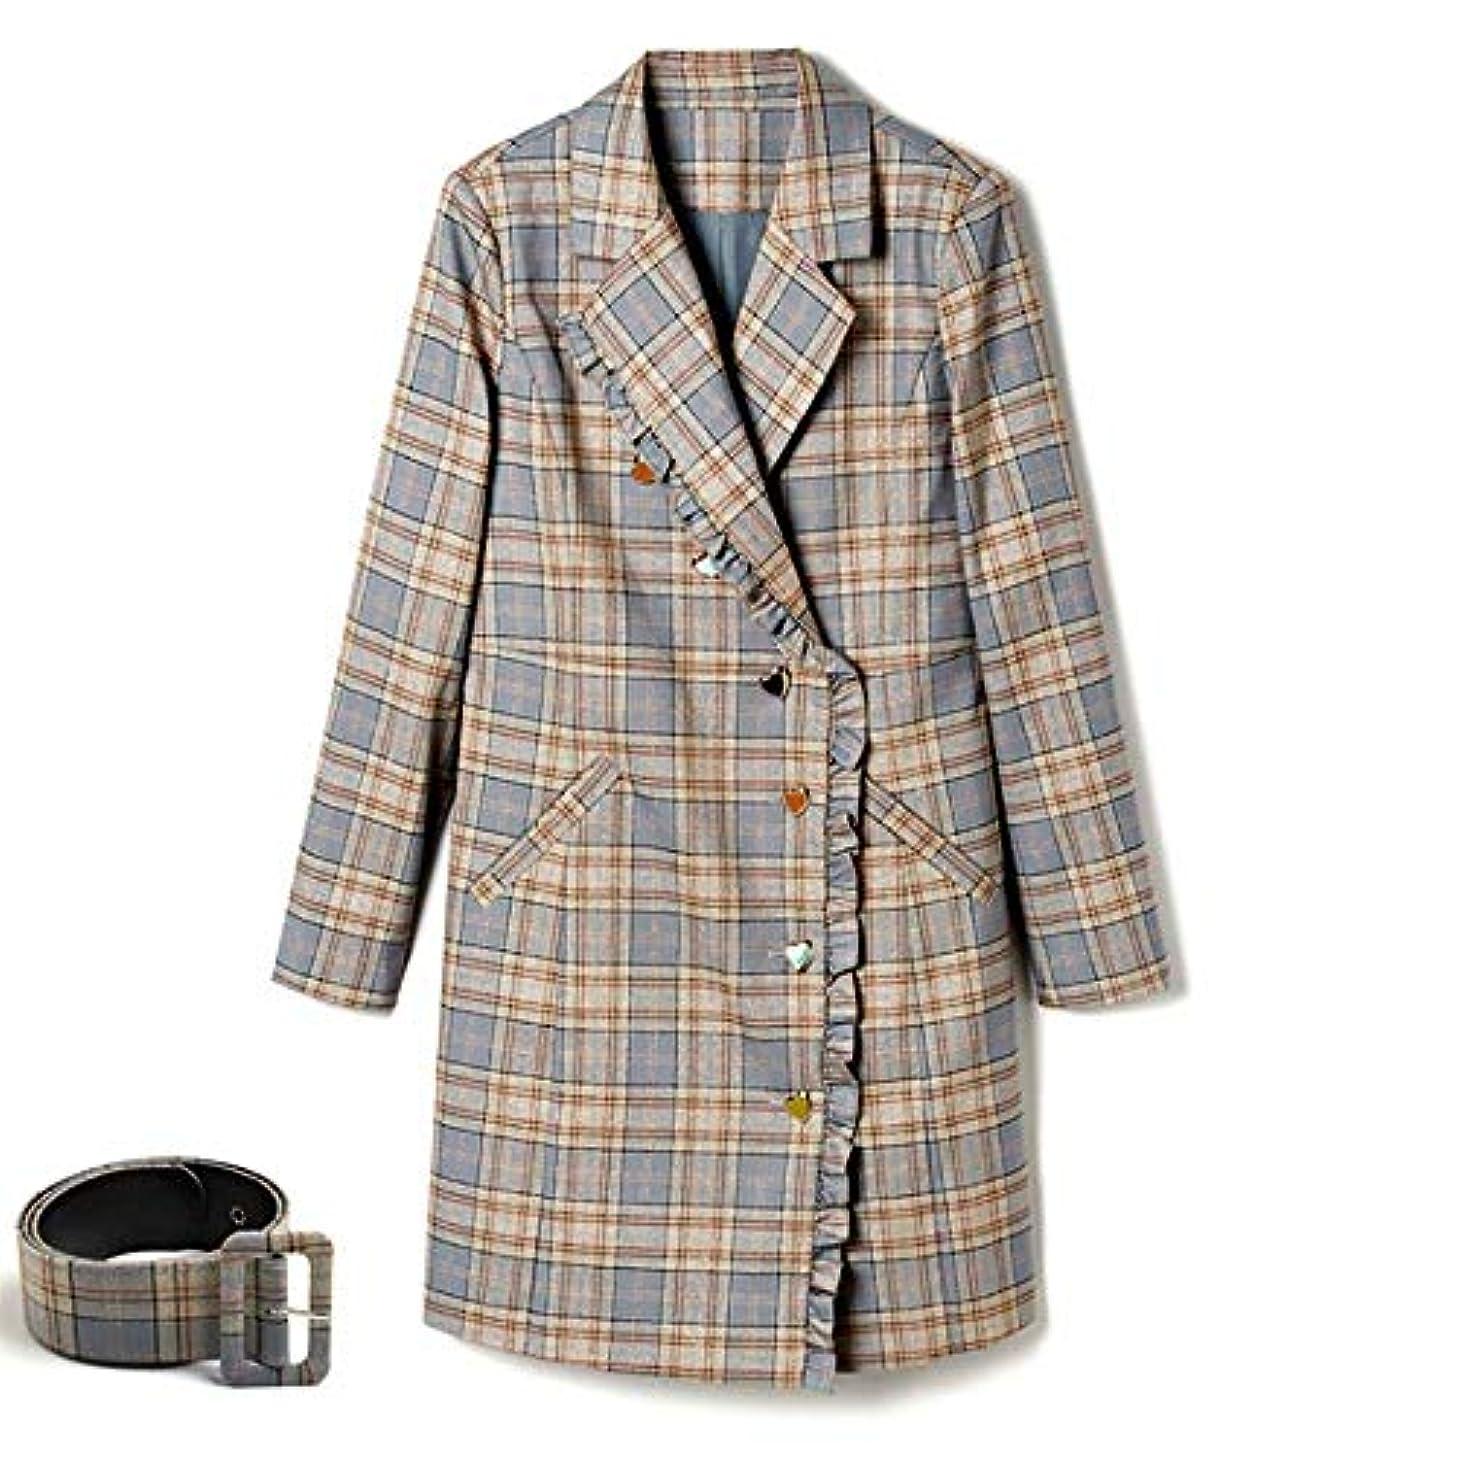 全くキャロライン前述の秋の女性のコート、新しいウインドブレーカージャケットラペルベルトロングコートウエストジャケット薄いコートレディースコートレディースウインドブレーカージャケット,M